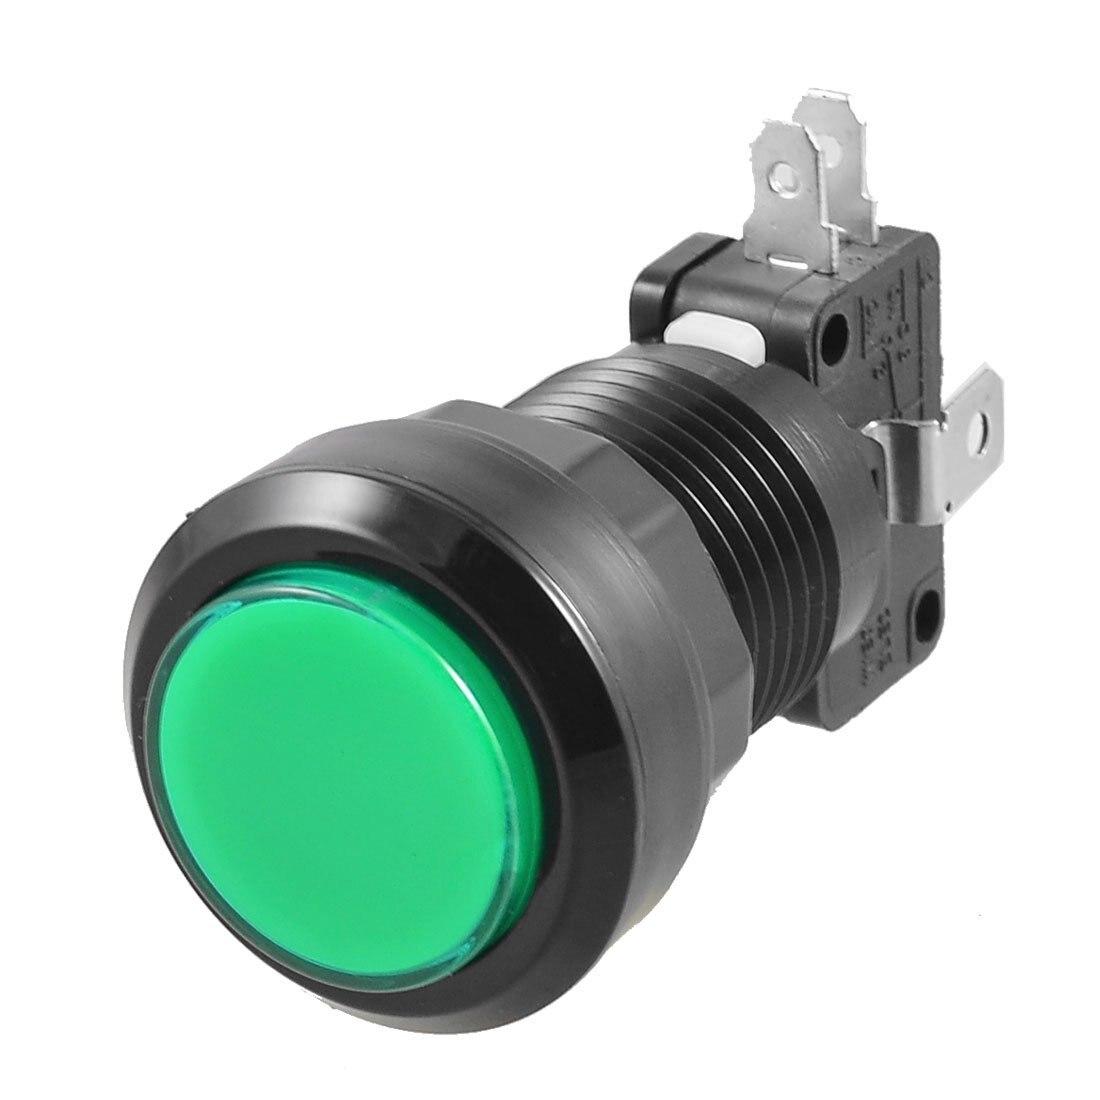 CNIM Caliente Lámpara LED Verde 24mm Dia Push Button Ronda w Interruptor de Lími